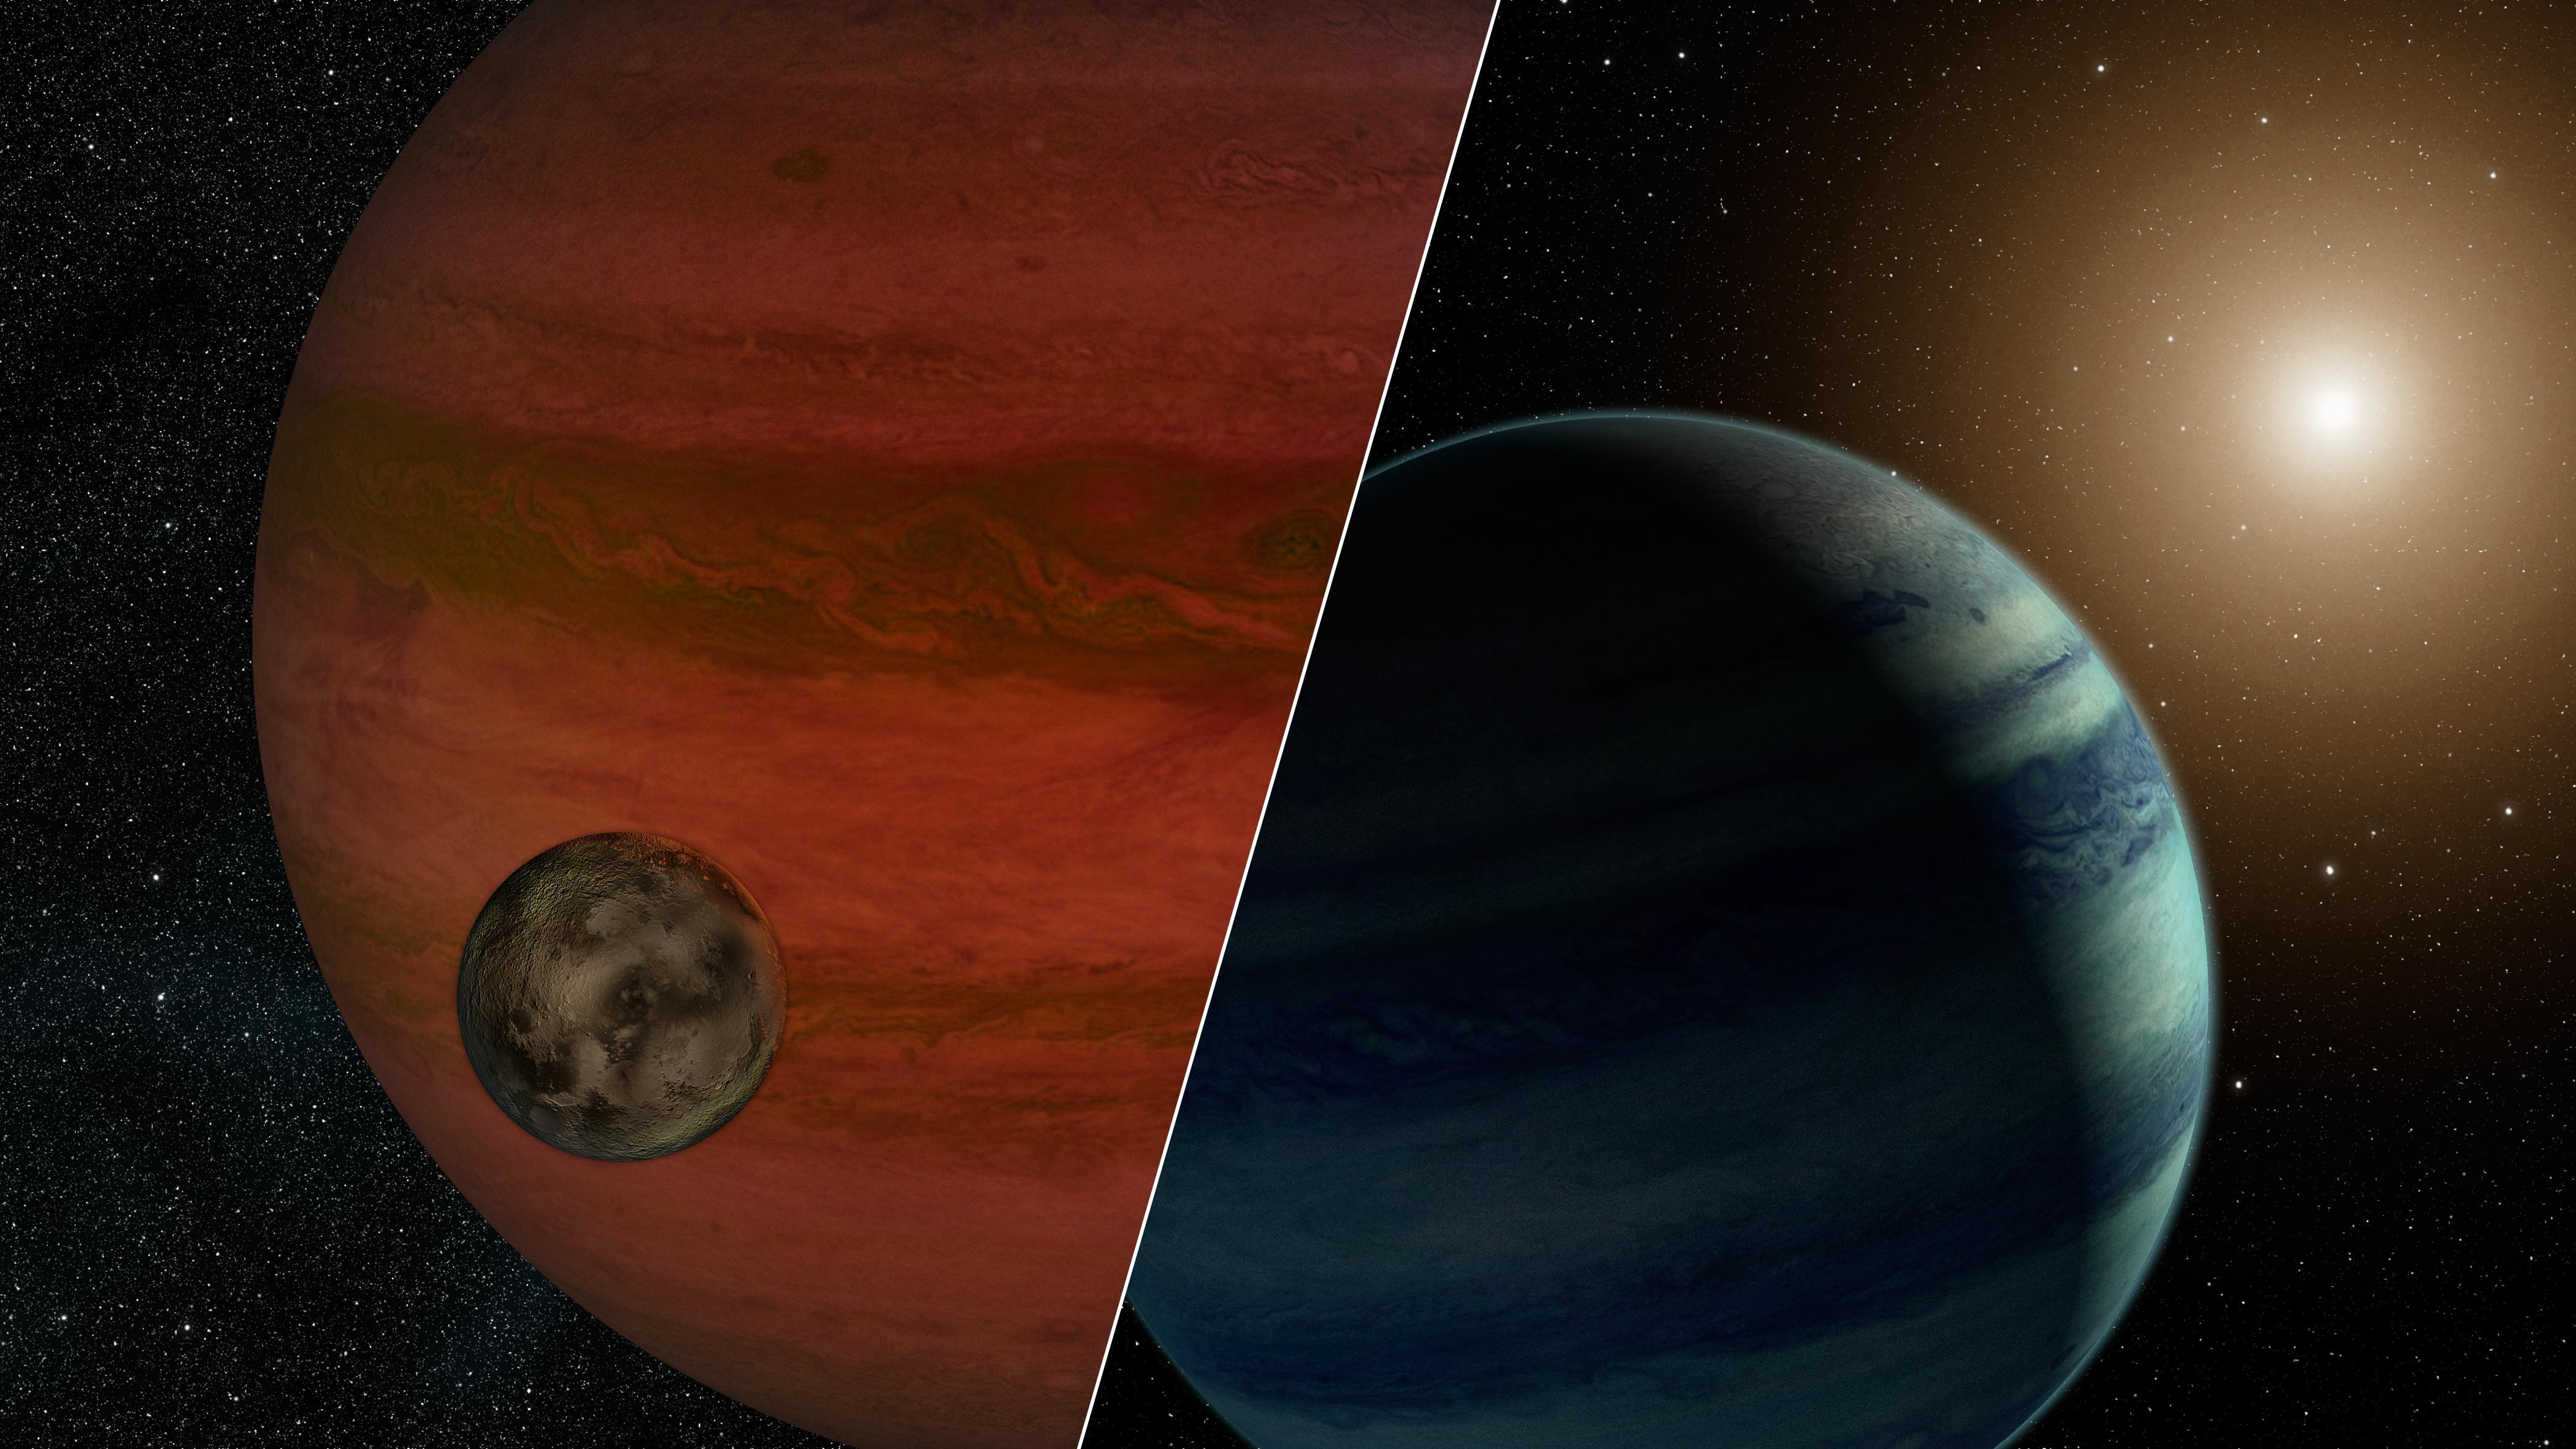 قمر خارج المجموعة الشمسية ويكيبيديا